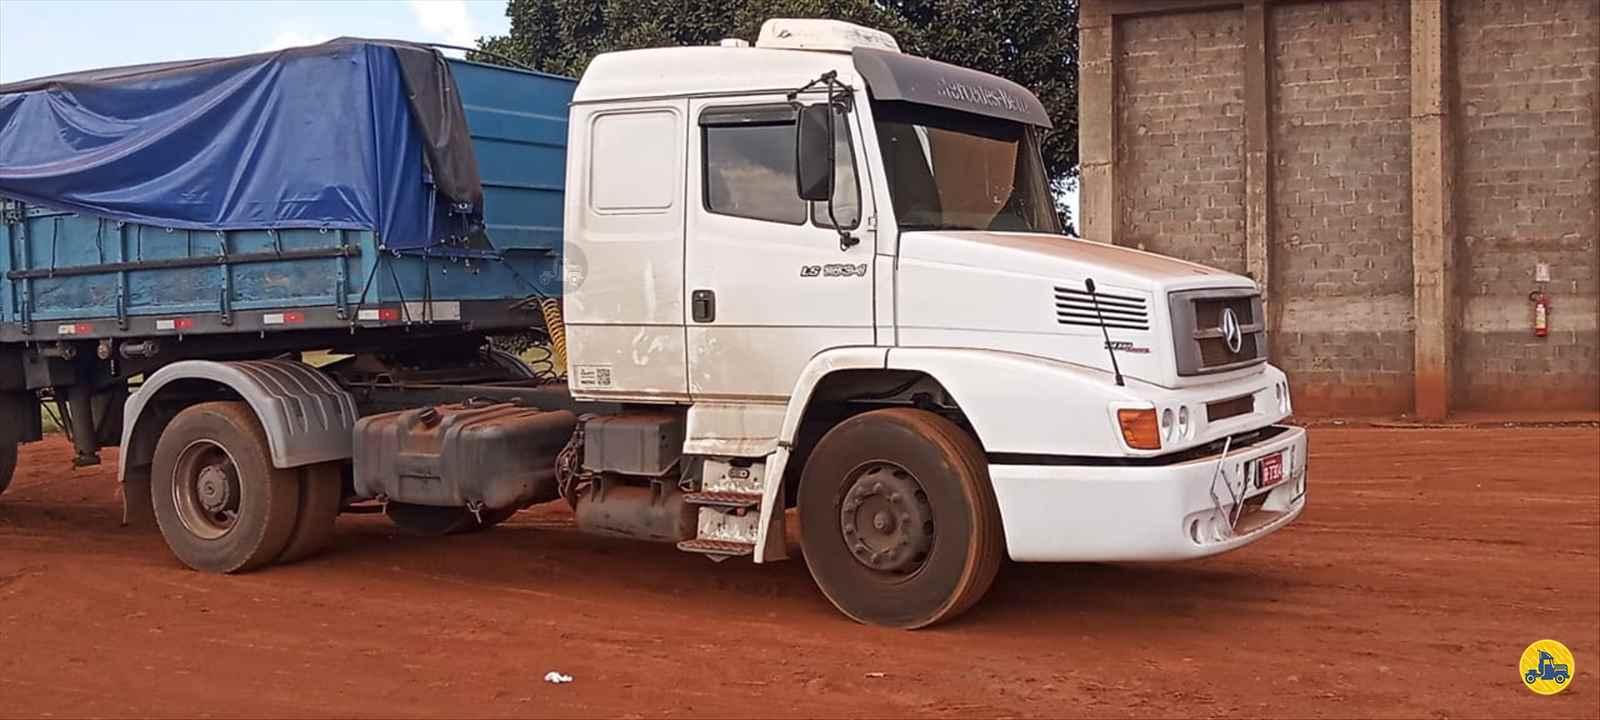 CAMINHAO MERCEDES-BENZ MB 1634 Cavalo Mecânico Toco 4x2 Zanon Caminhões e Implementos PASSO FUNDO RIO GRANDE DO SUL RS